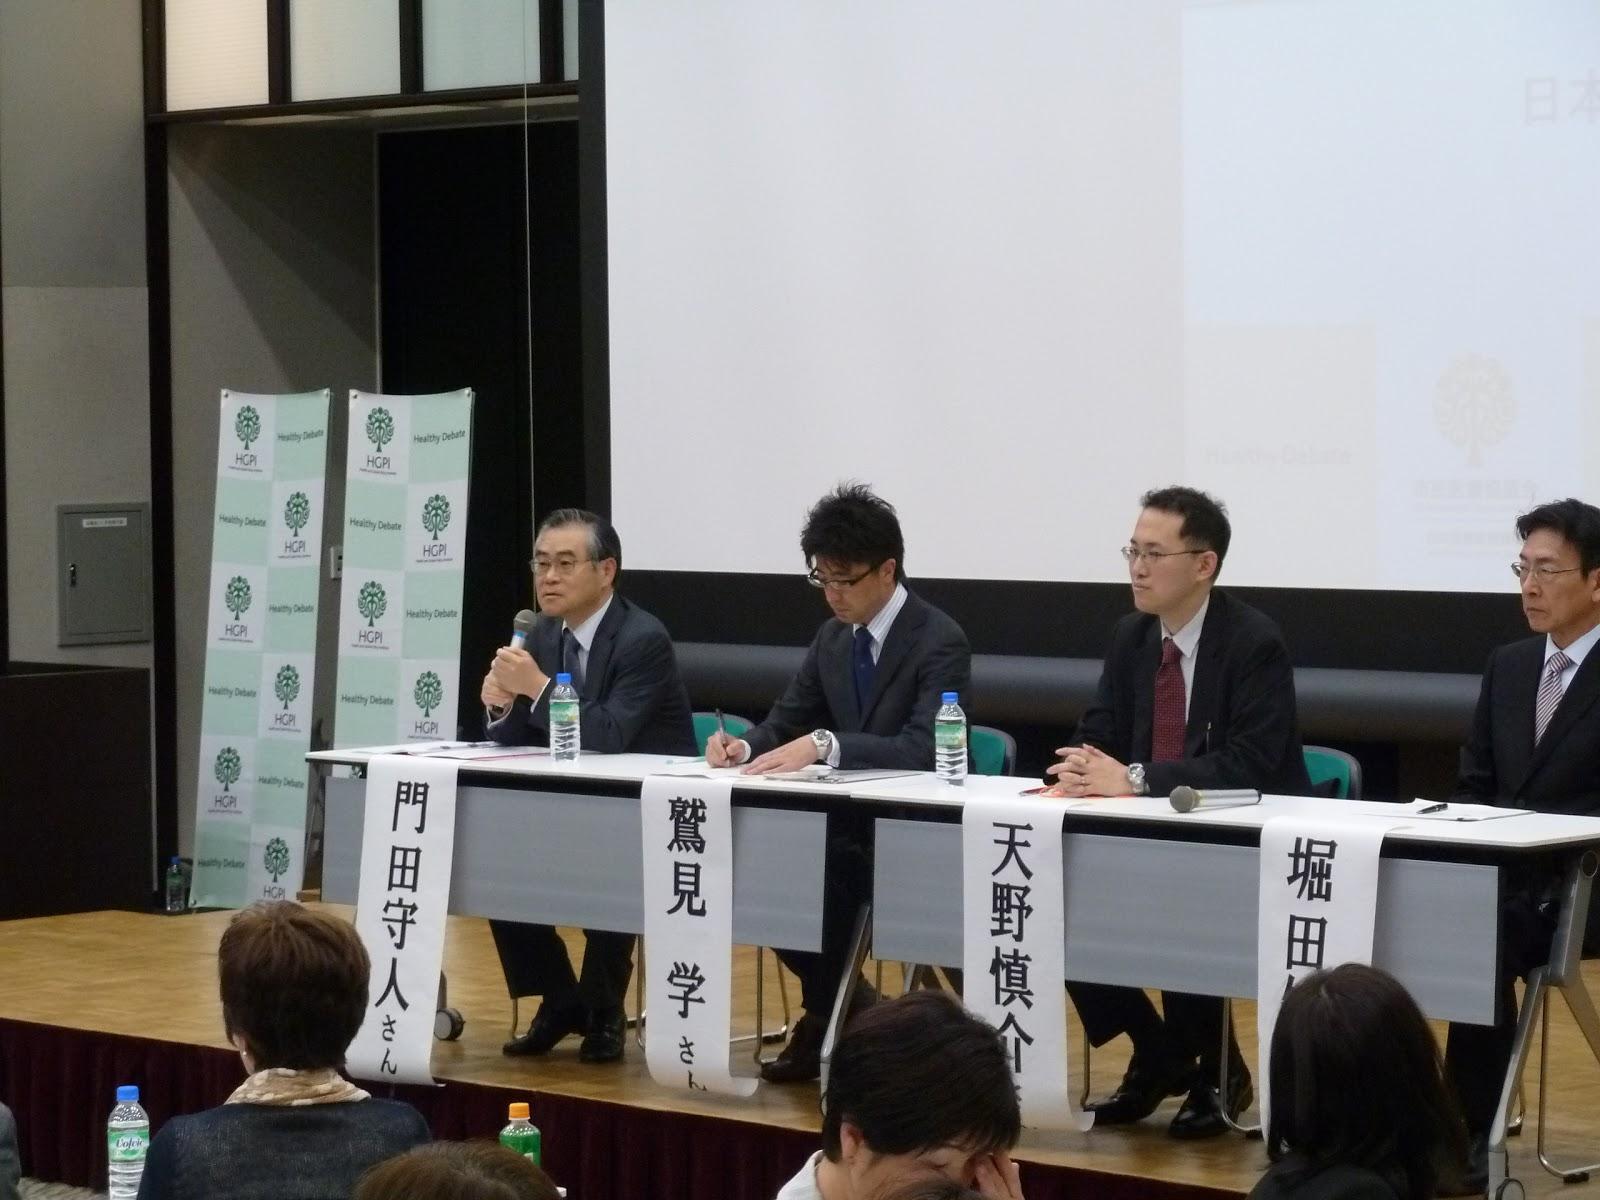 平成24年度 秋田県がん対策室の活動報告